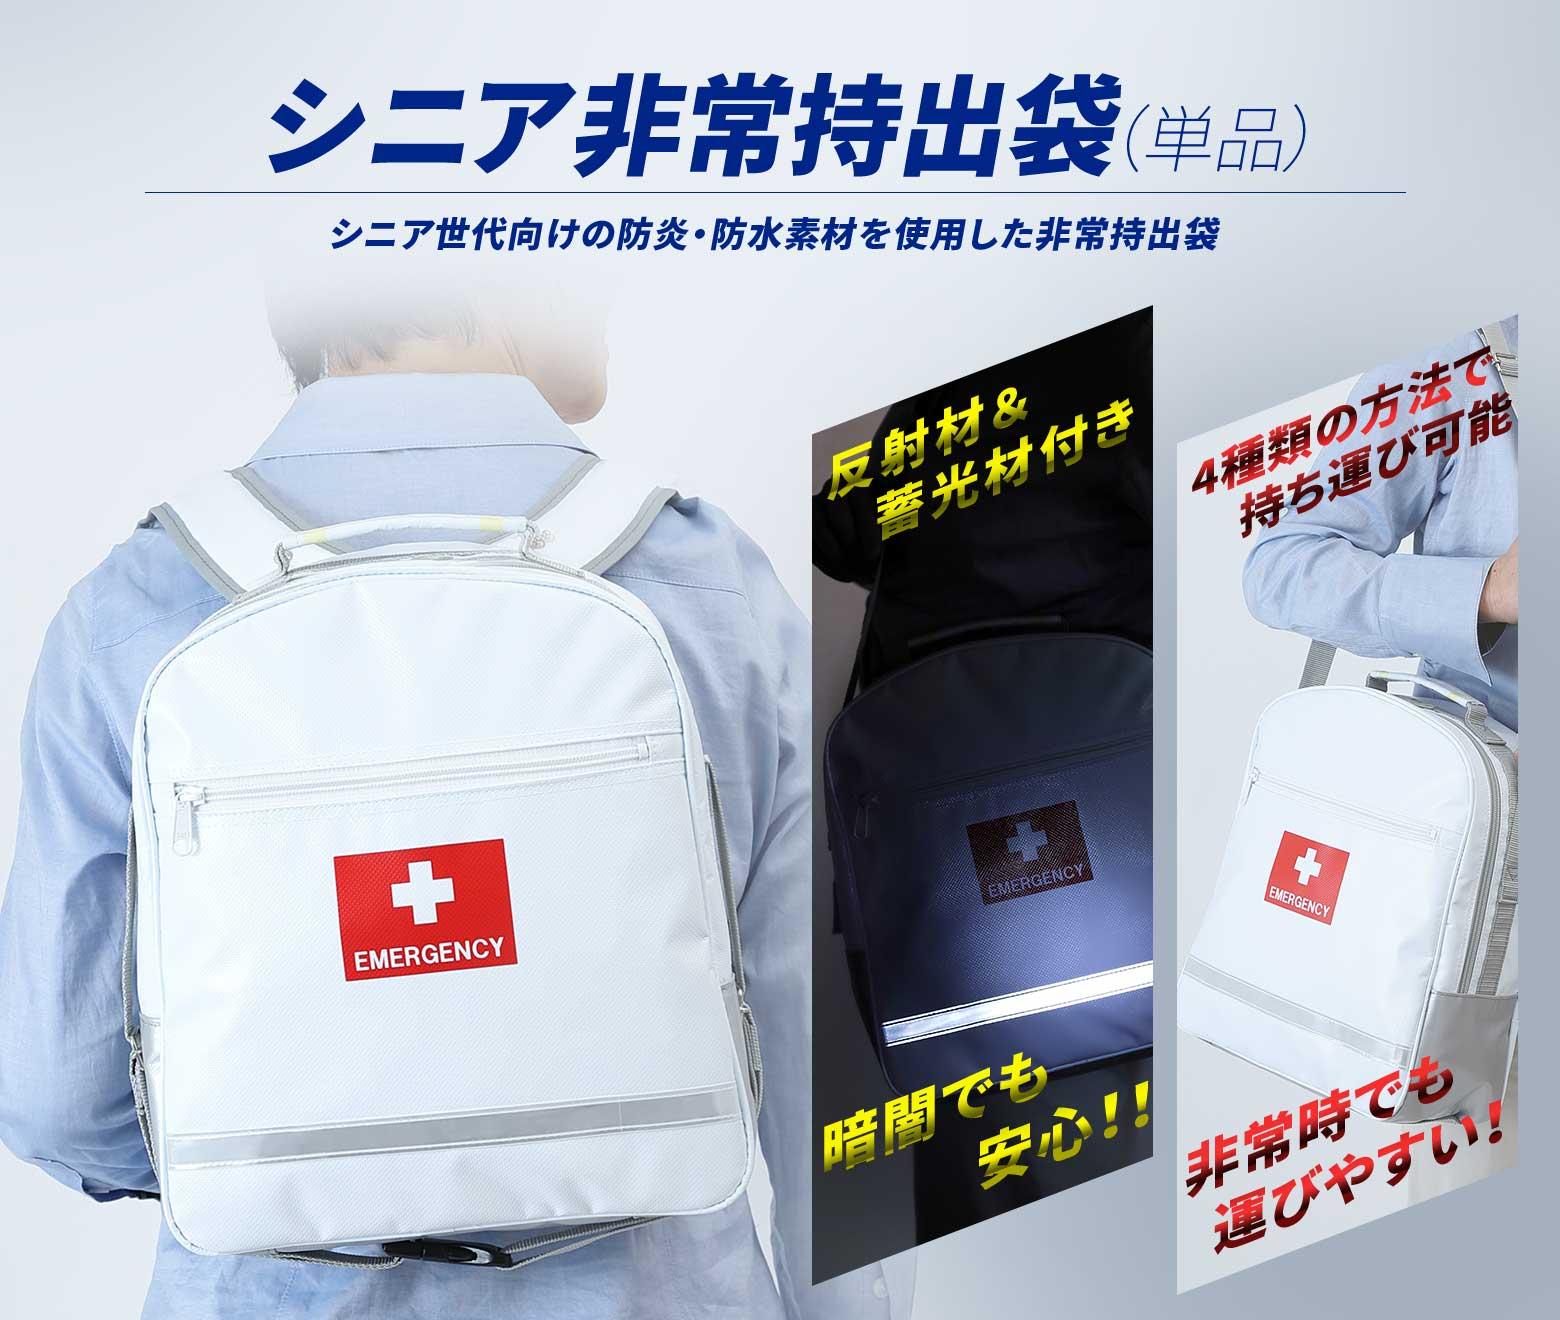 シニア非常持出袋(単品) シニア世代向けの防炎・防水素材を使用した非常持出袋